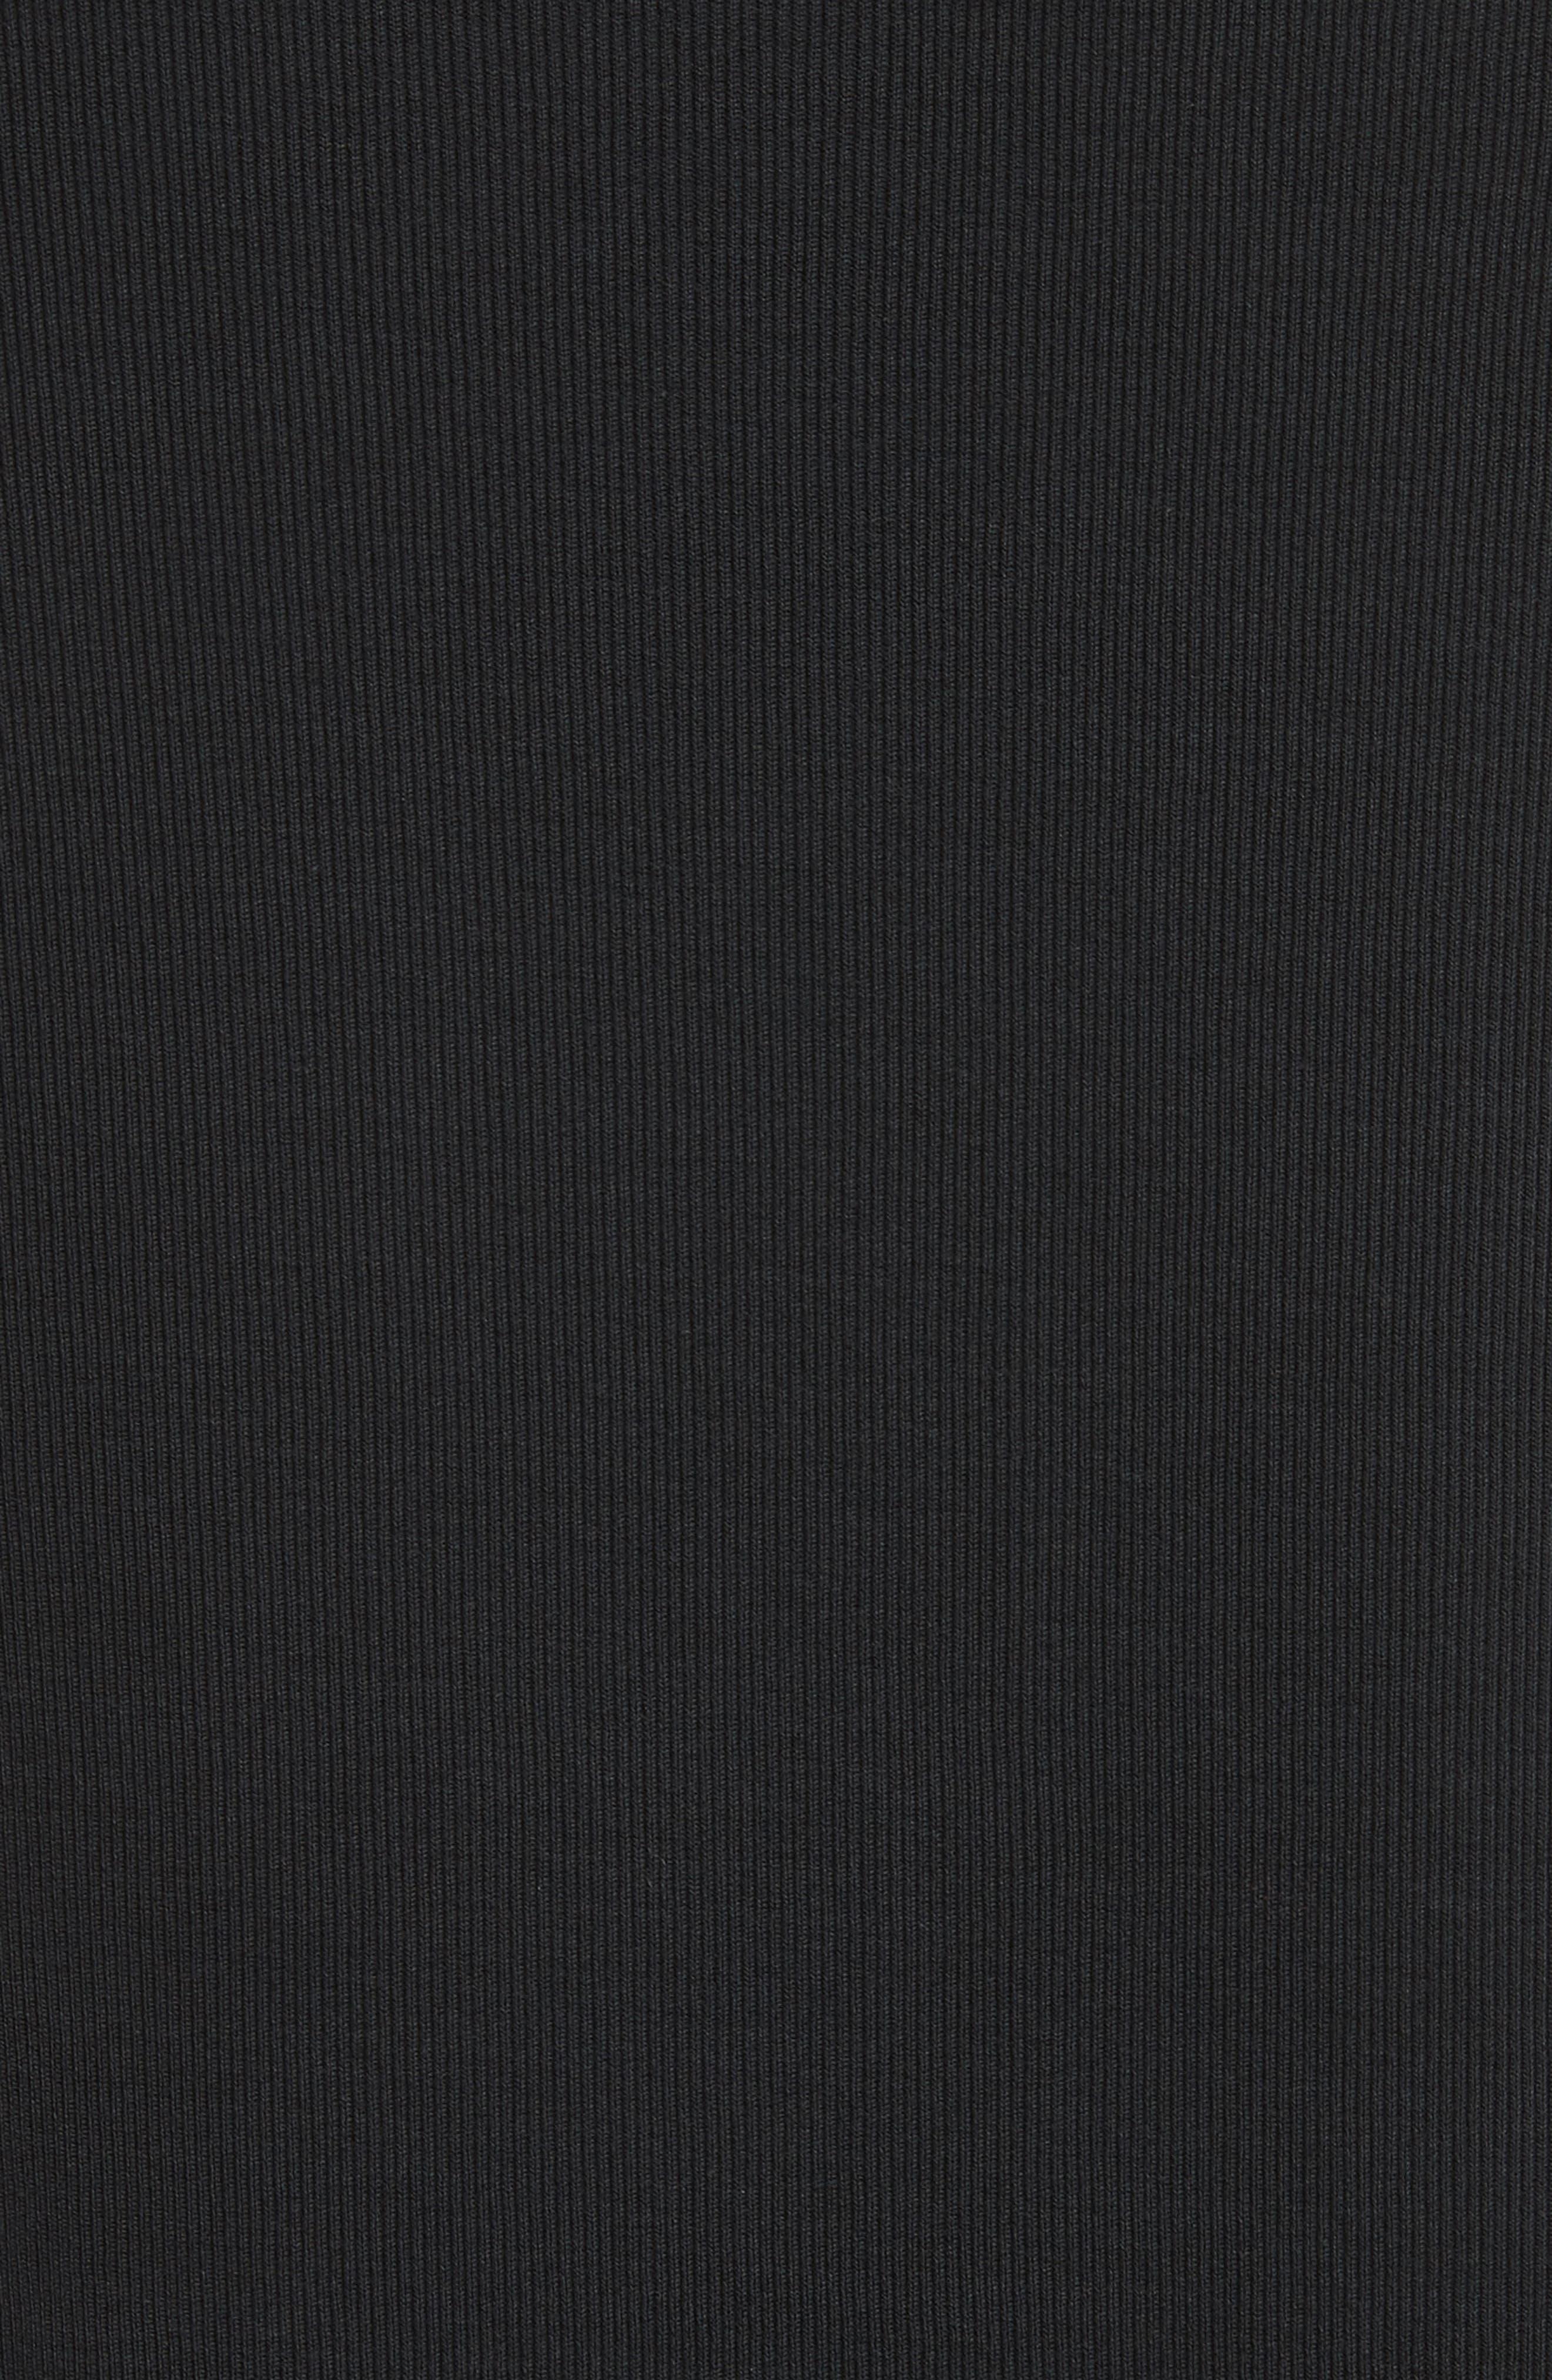 Tab Crewneck T-Shirt,                             Alternate thumbnail 5, color,                             BLACK